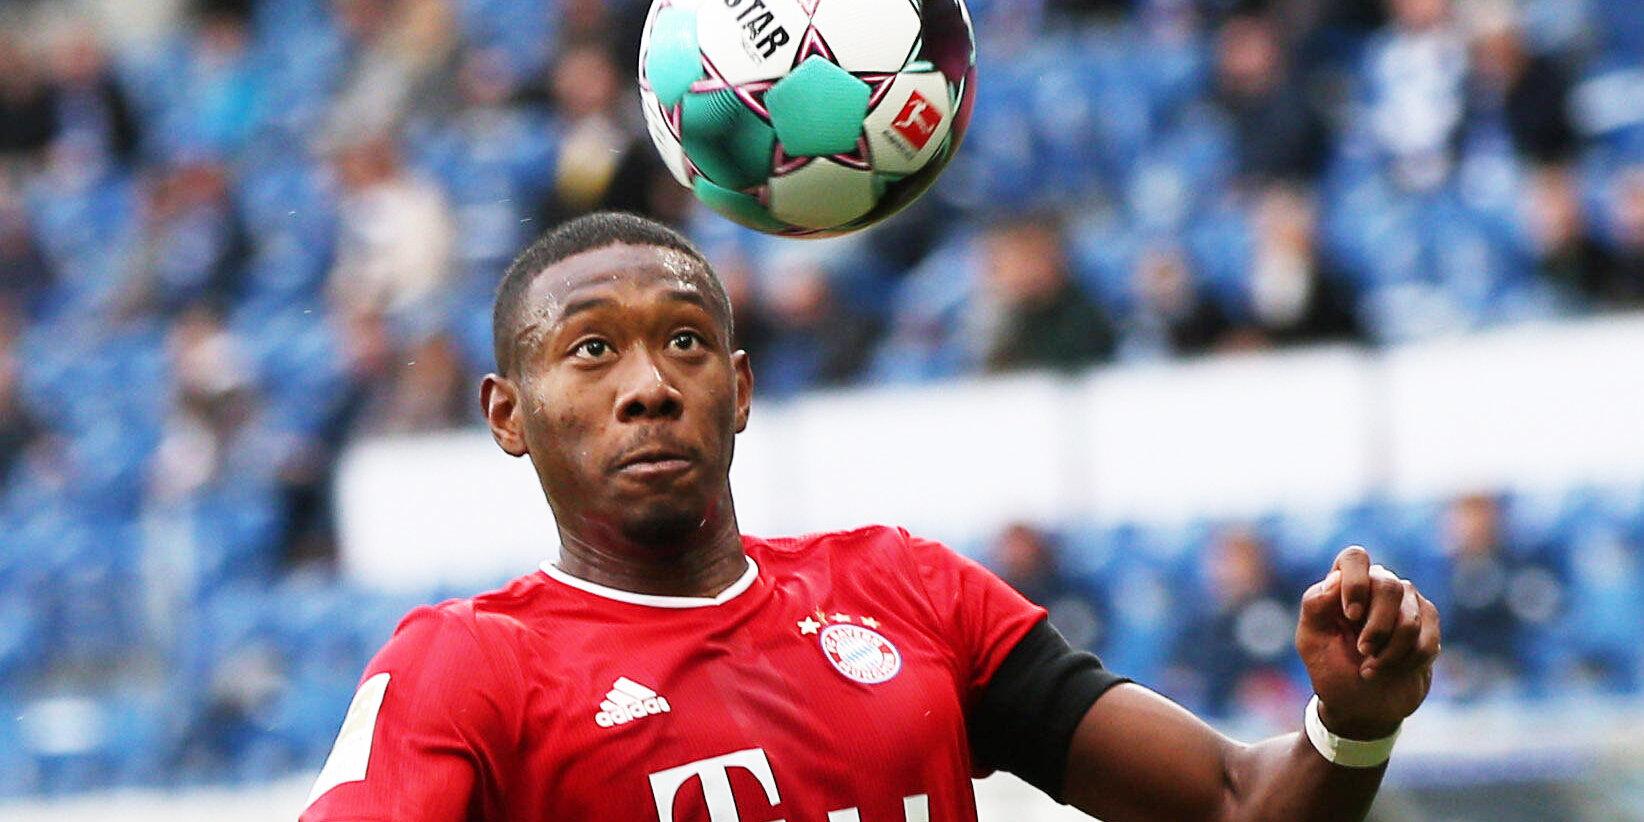 Давид Алаба: «После этого сезона я покину «Баварию»